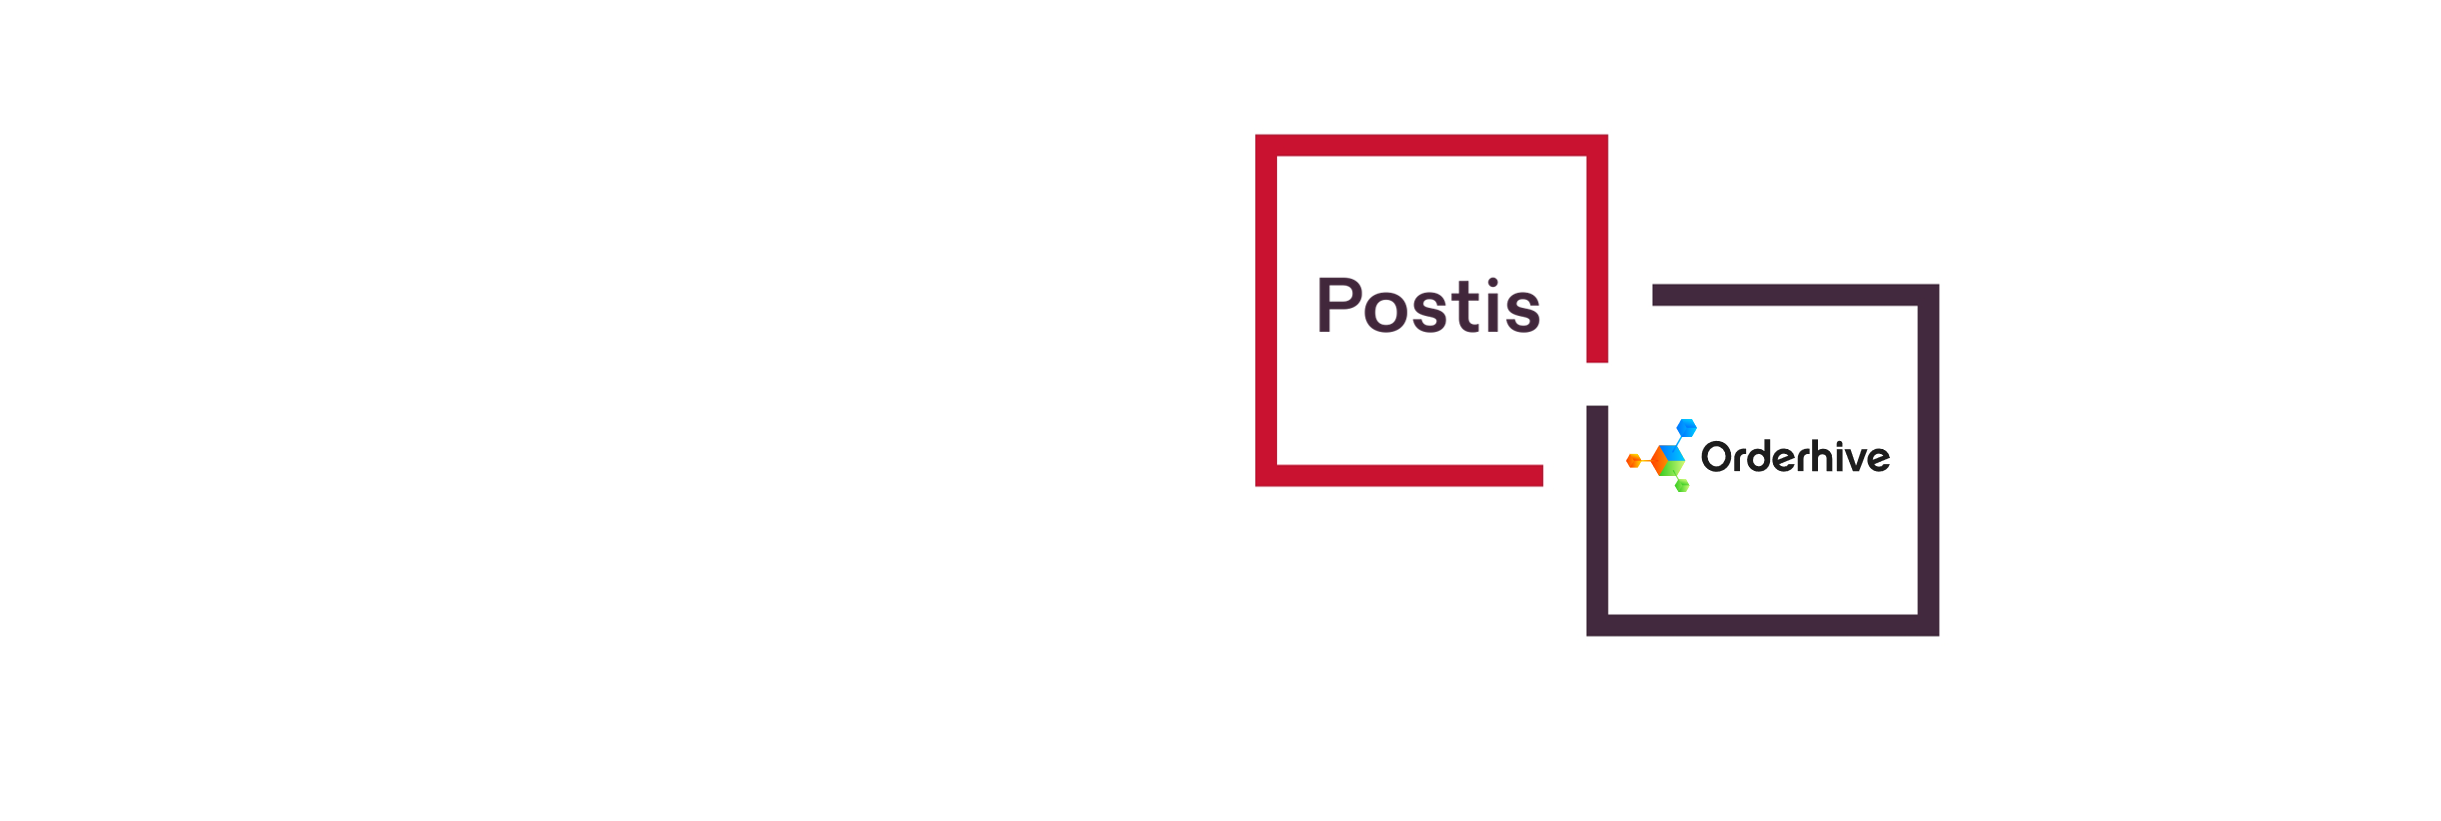 Parteneriat Postis - Orderhive